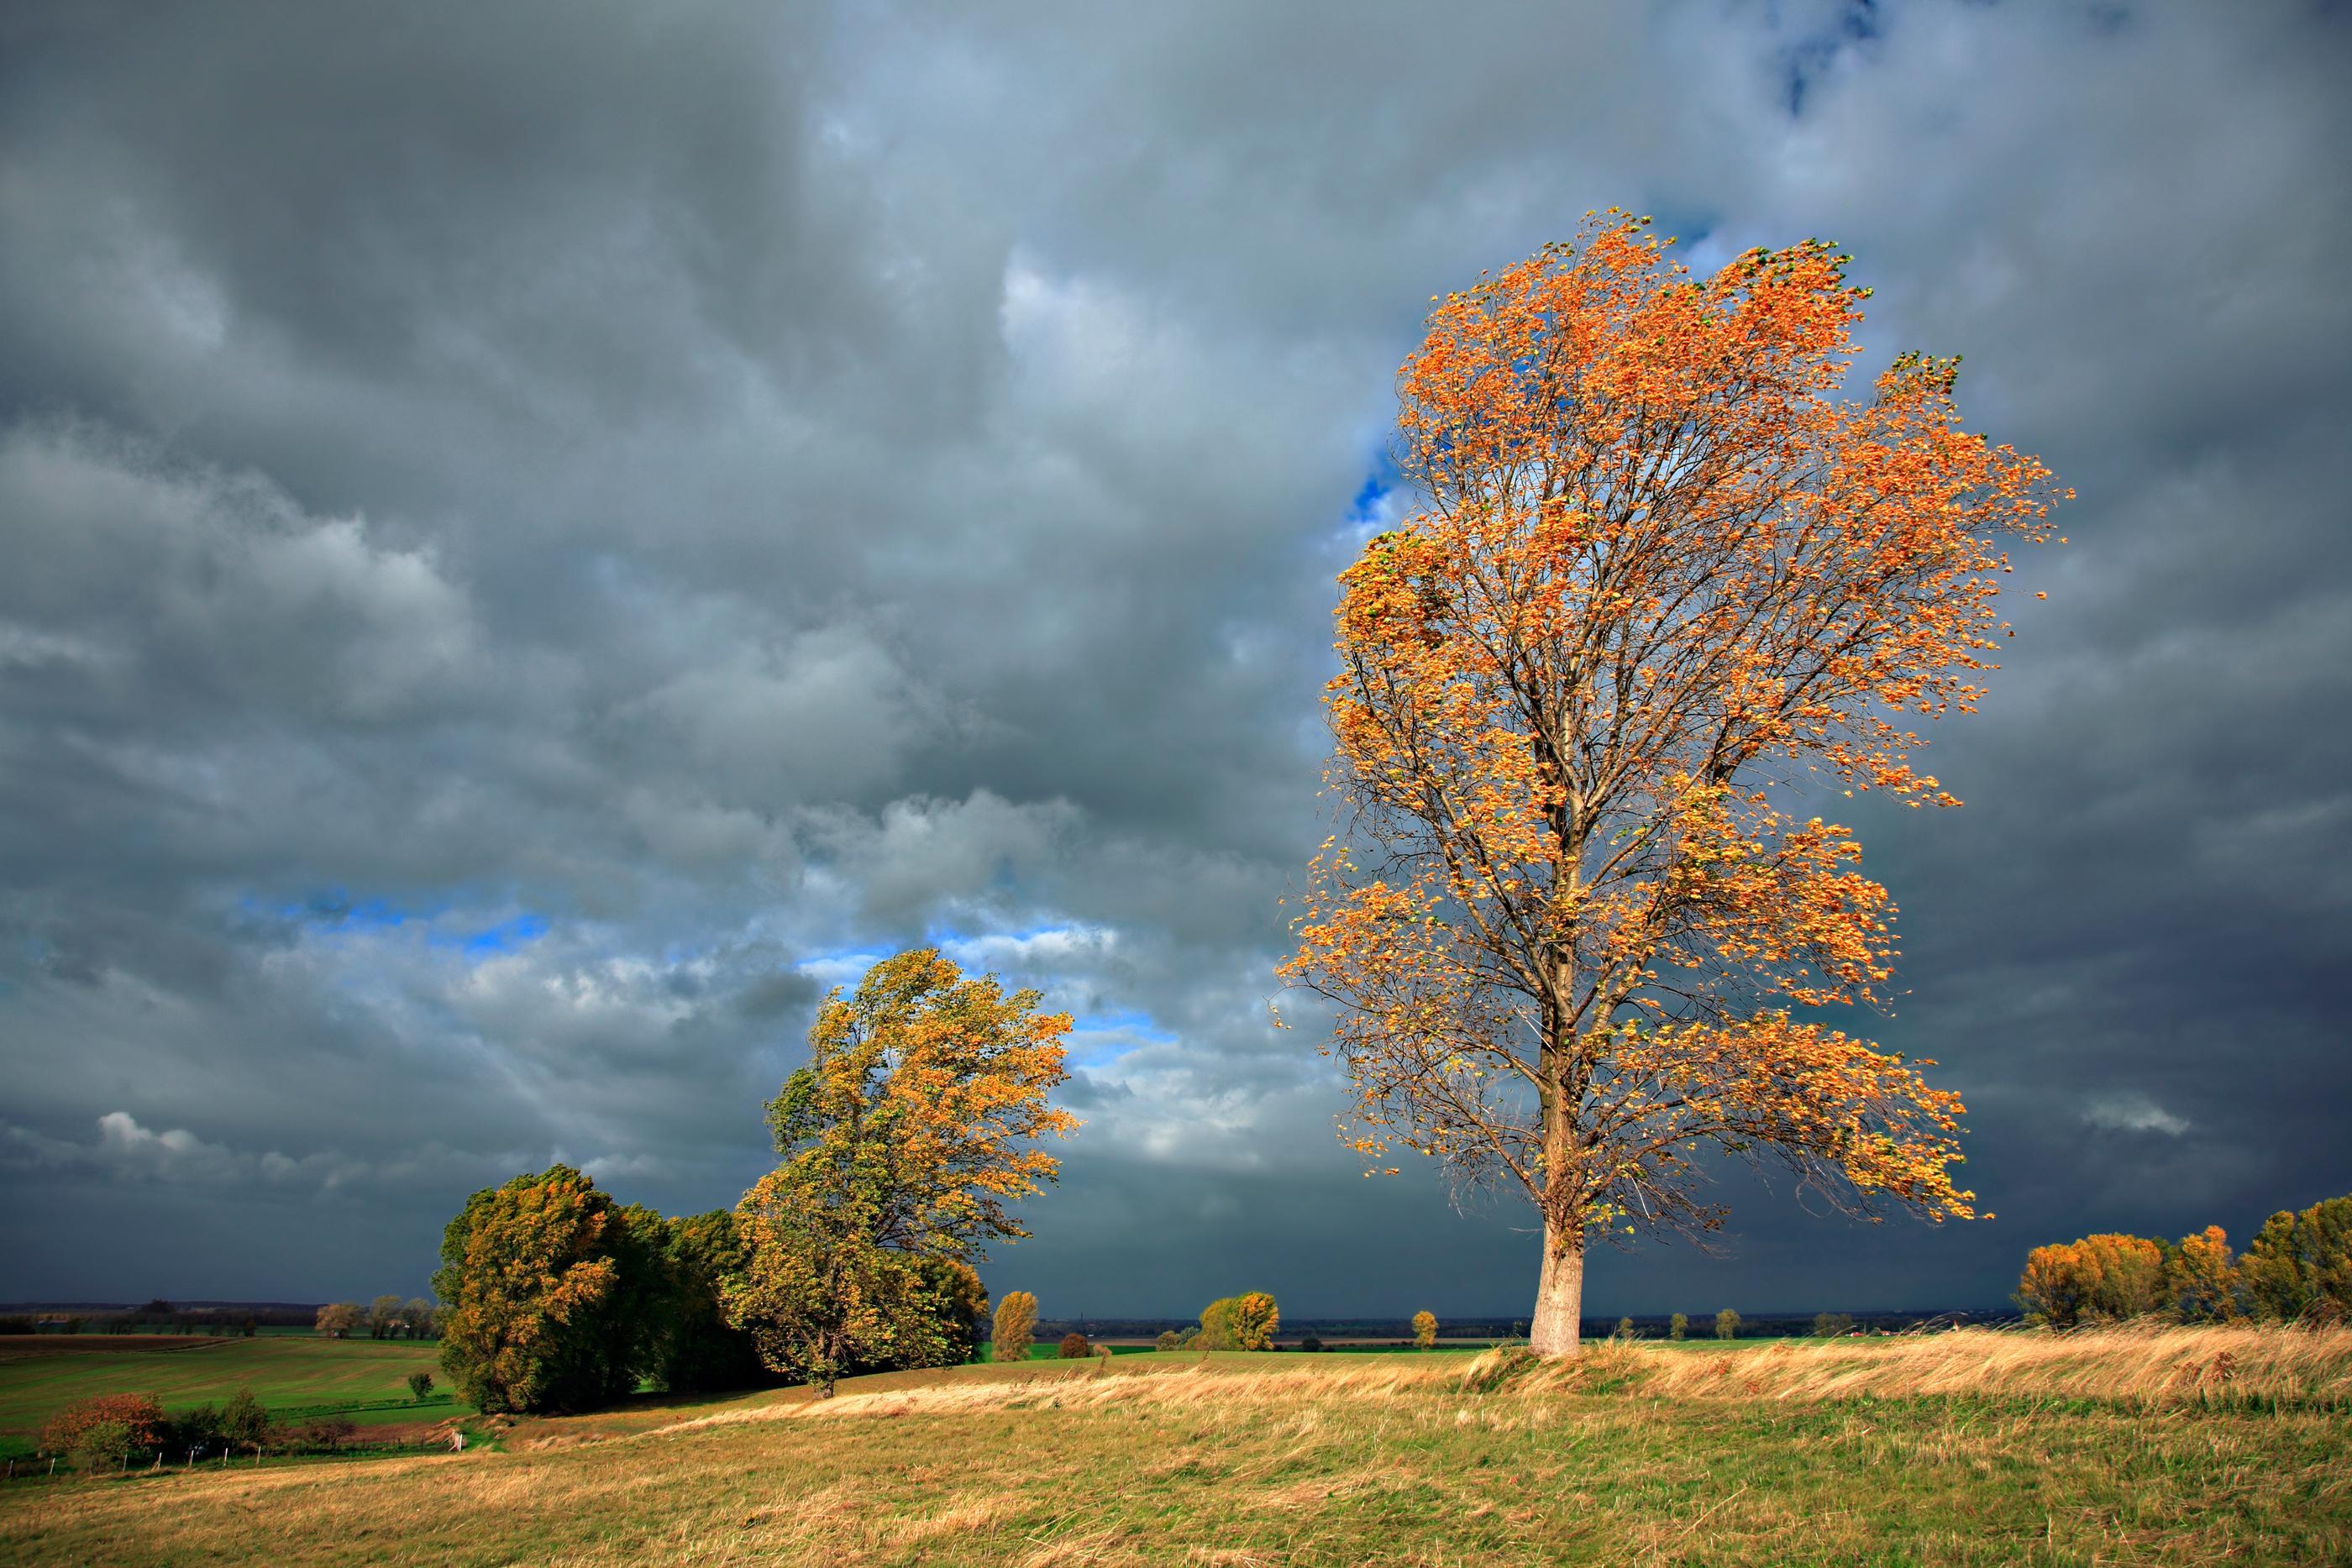 De când se schimbă vremea și care sunt zonele măturate de vijelii. Prognoza meteo pentru regiunile afectate